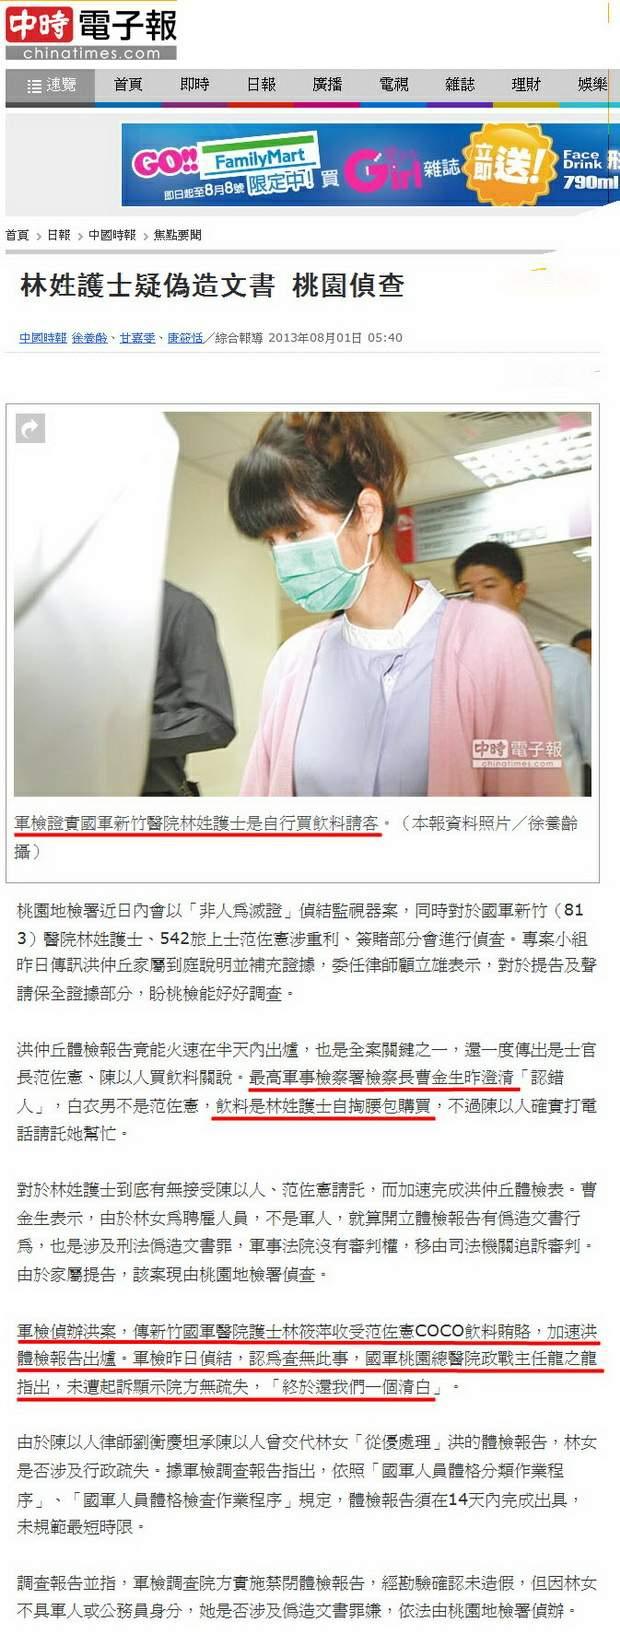 林姓護士疑偽造文書 桃園偵查-2013.08.01-01.jpg